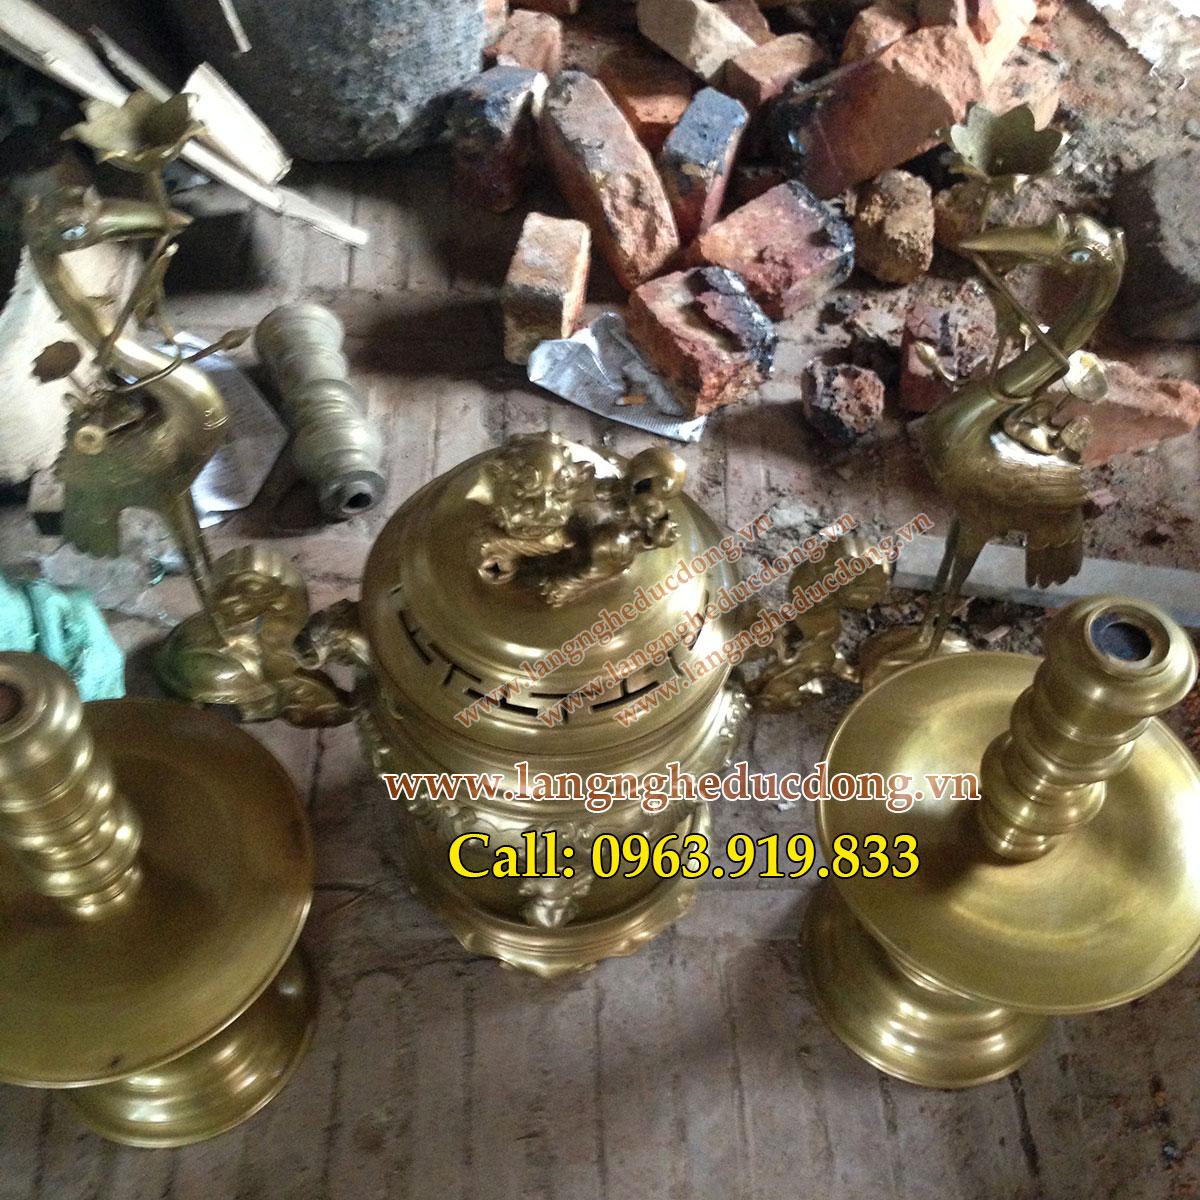 langngheducdong.vn - Đỉnh bâu rồng, bộ đỉnh ngũ sự 60cm, đình đồng vàng, đỉnh đồng cao cấp